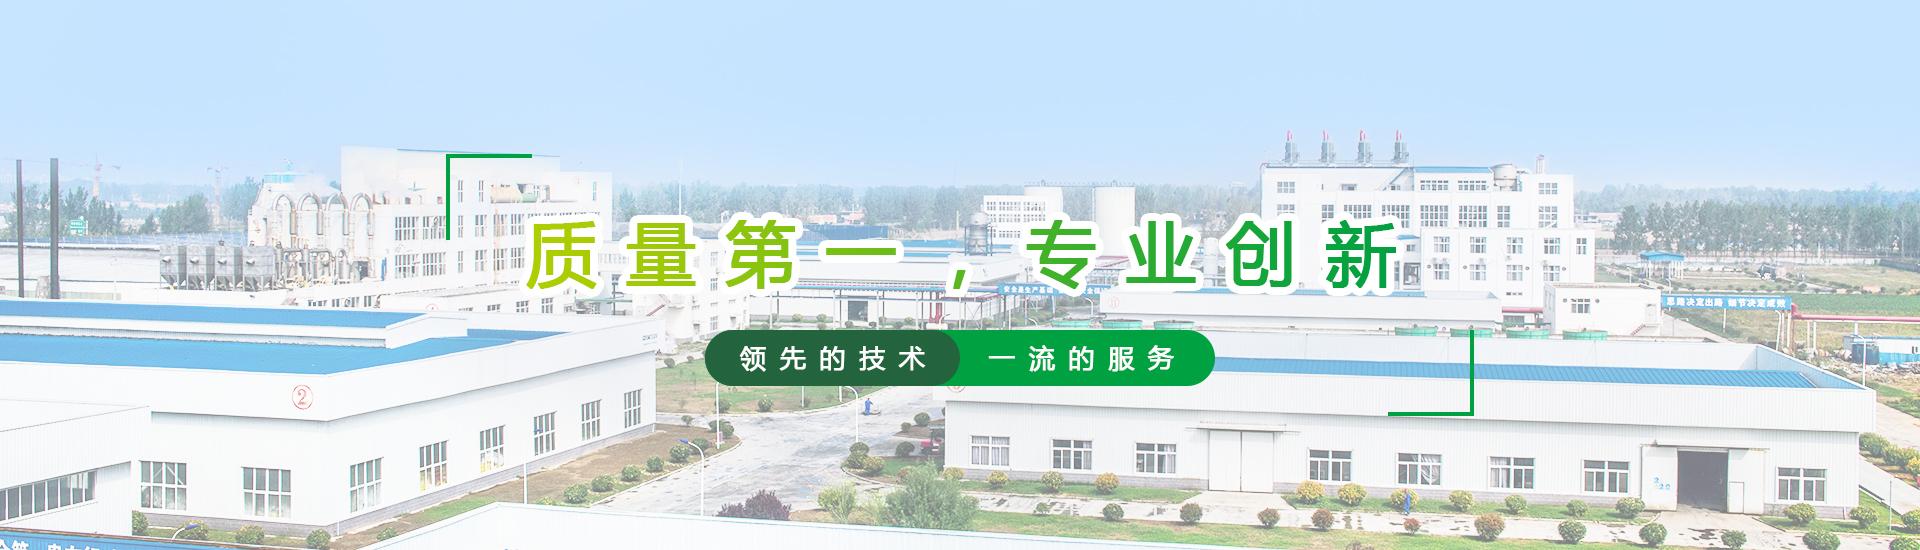 工廠banner